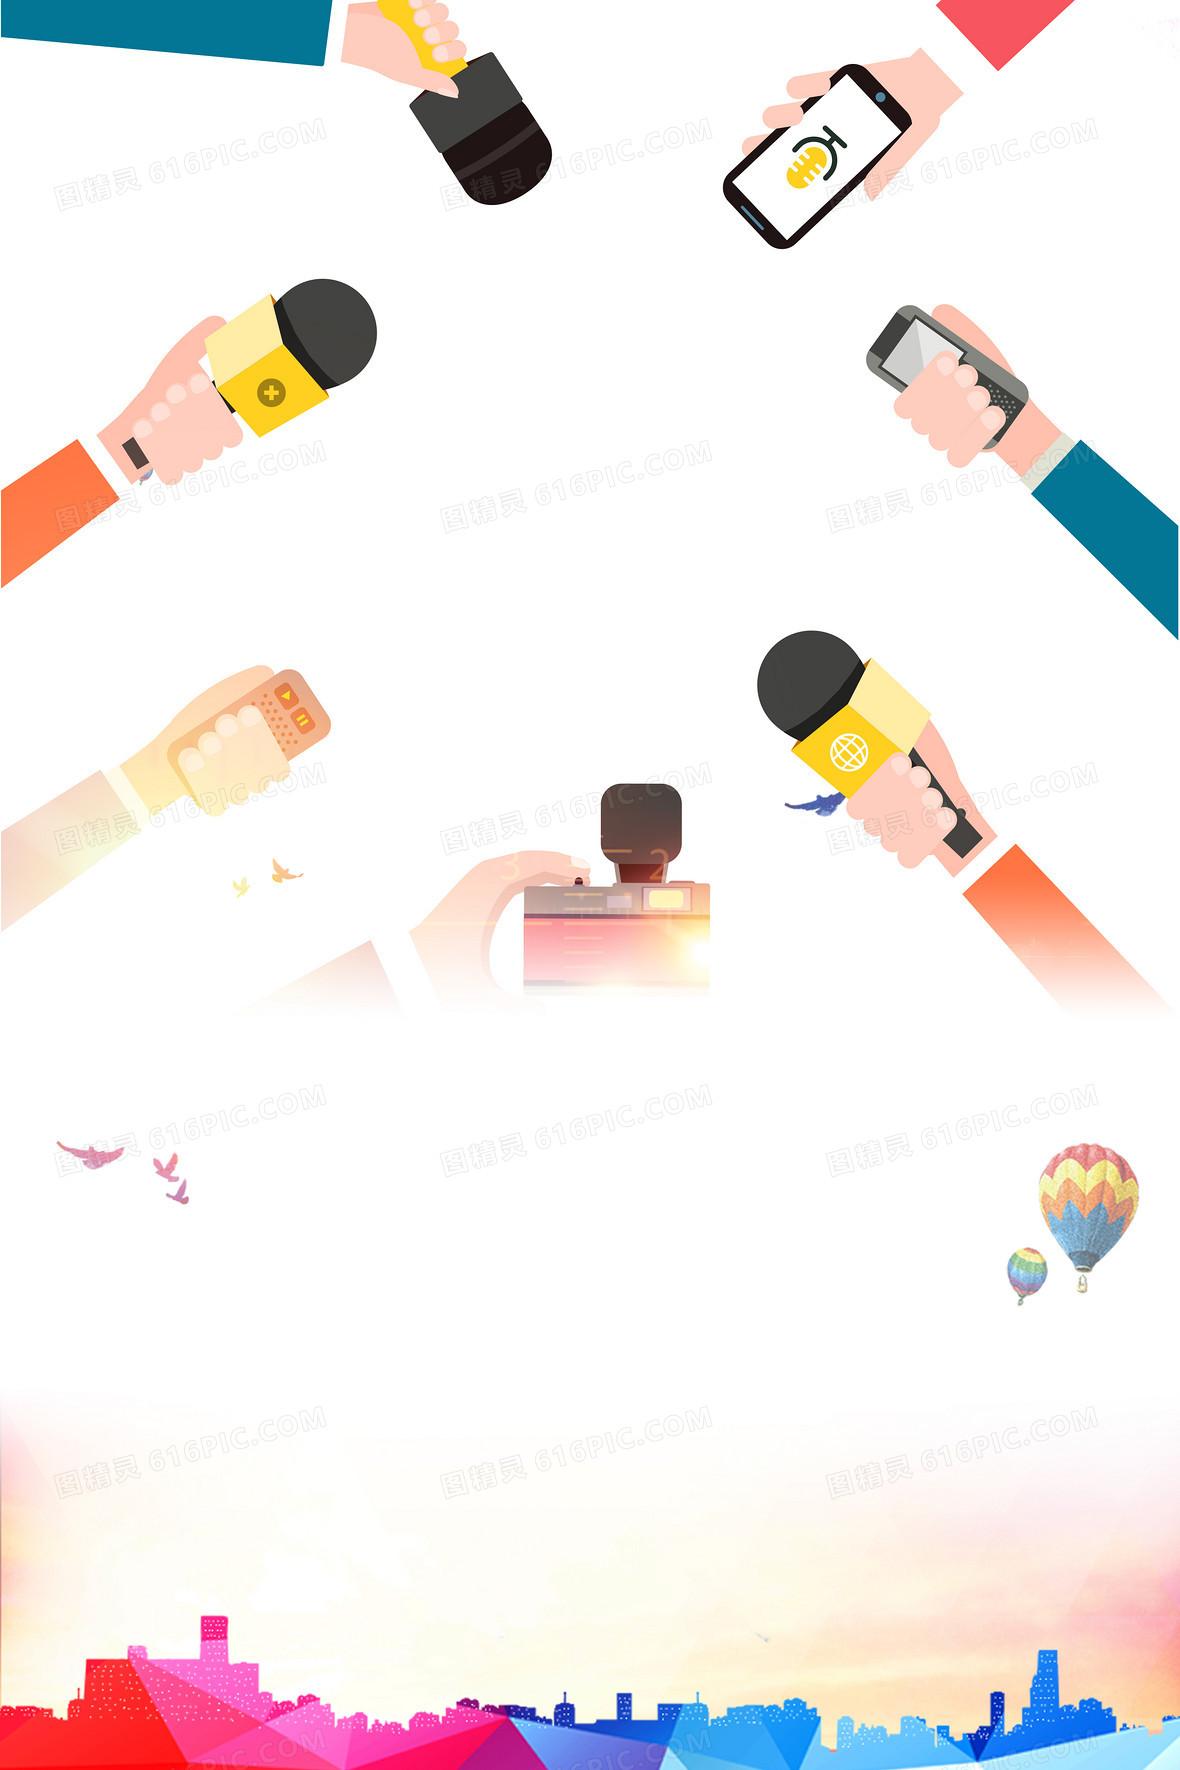 社团招新psd海报背景素材